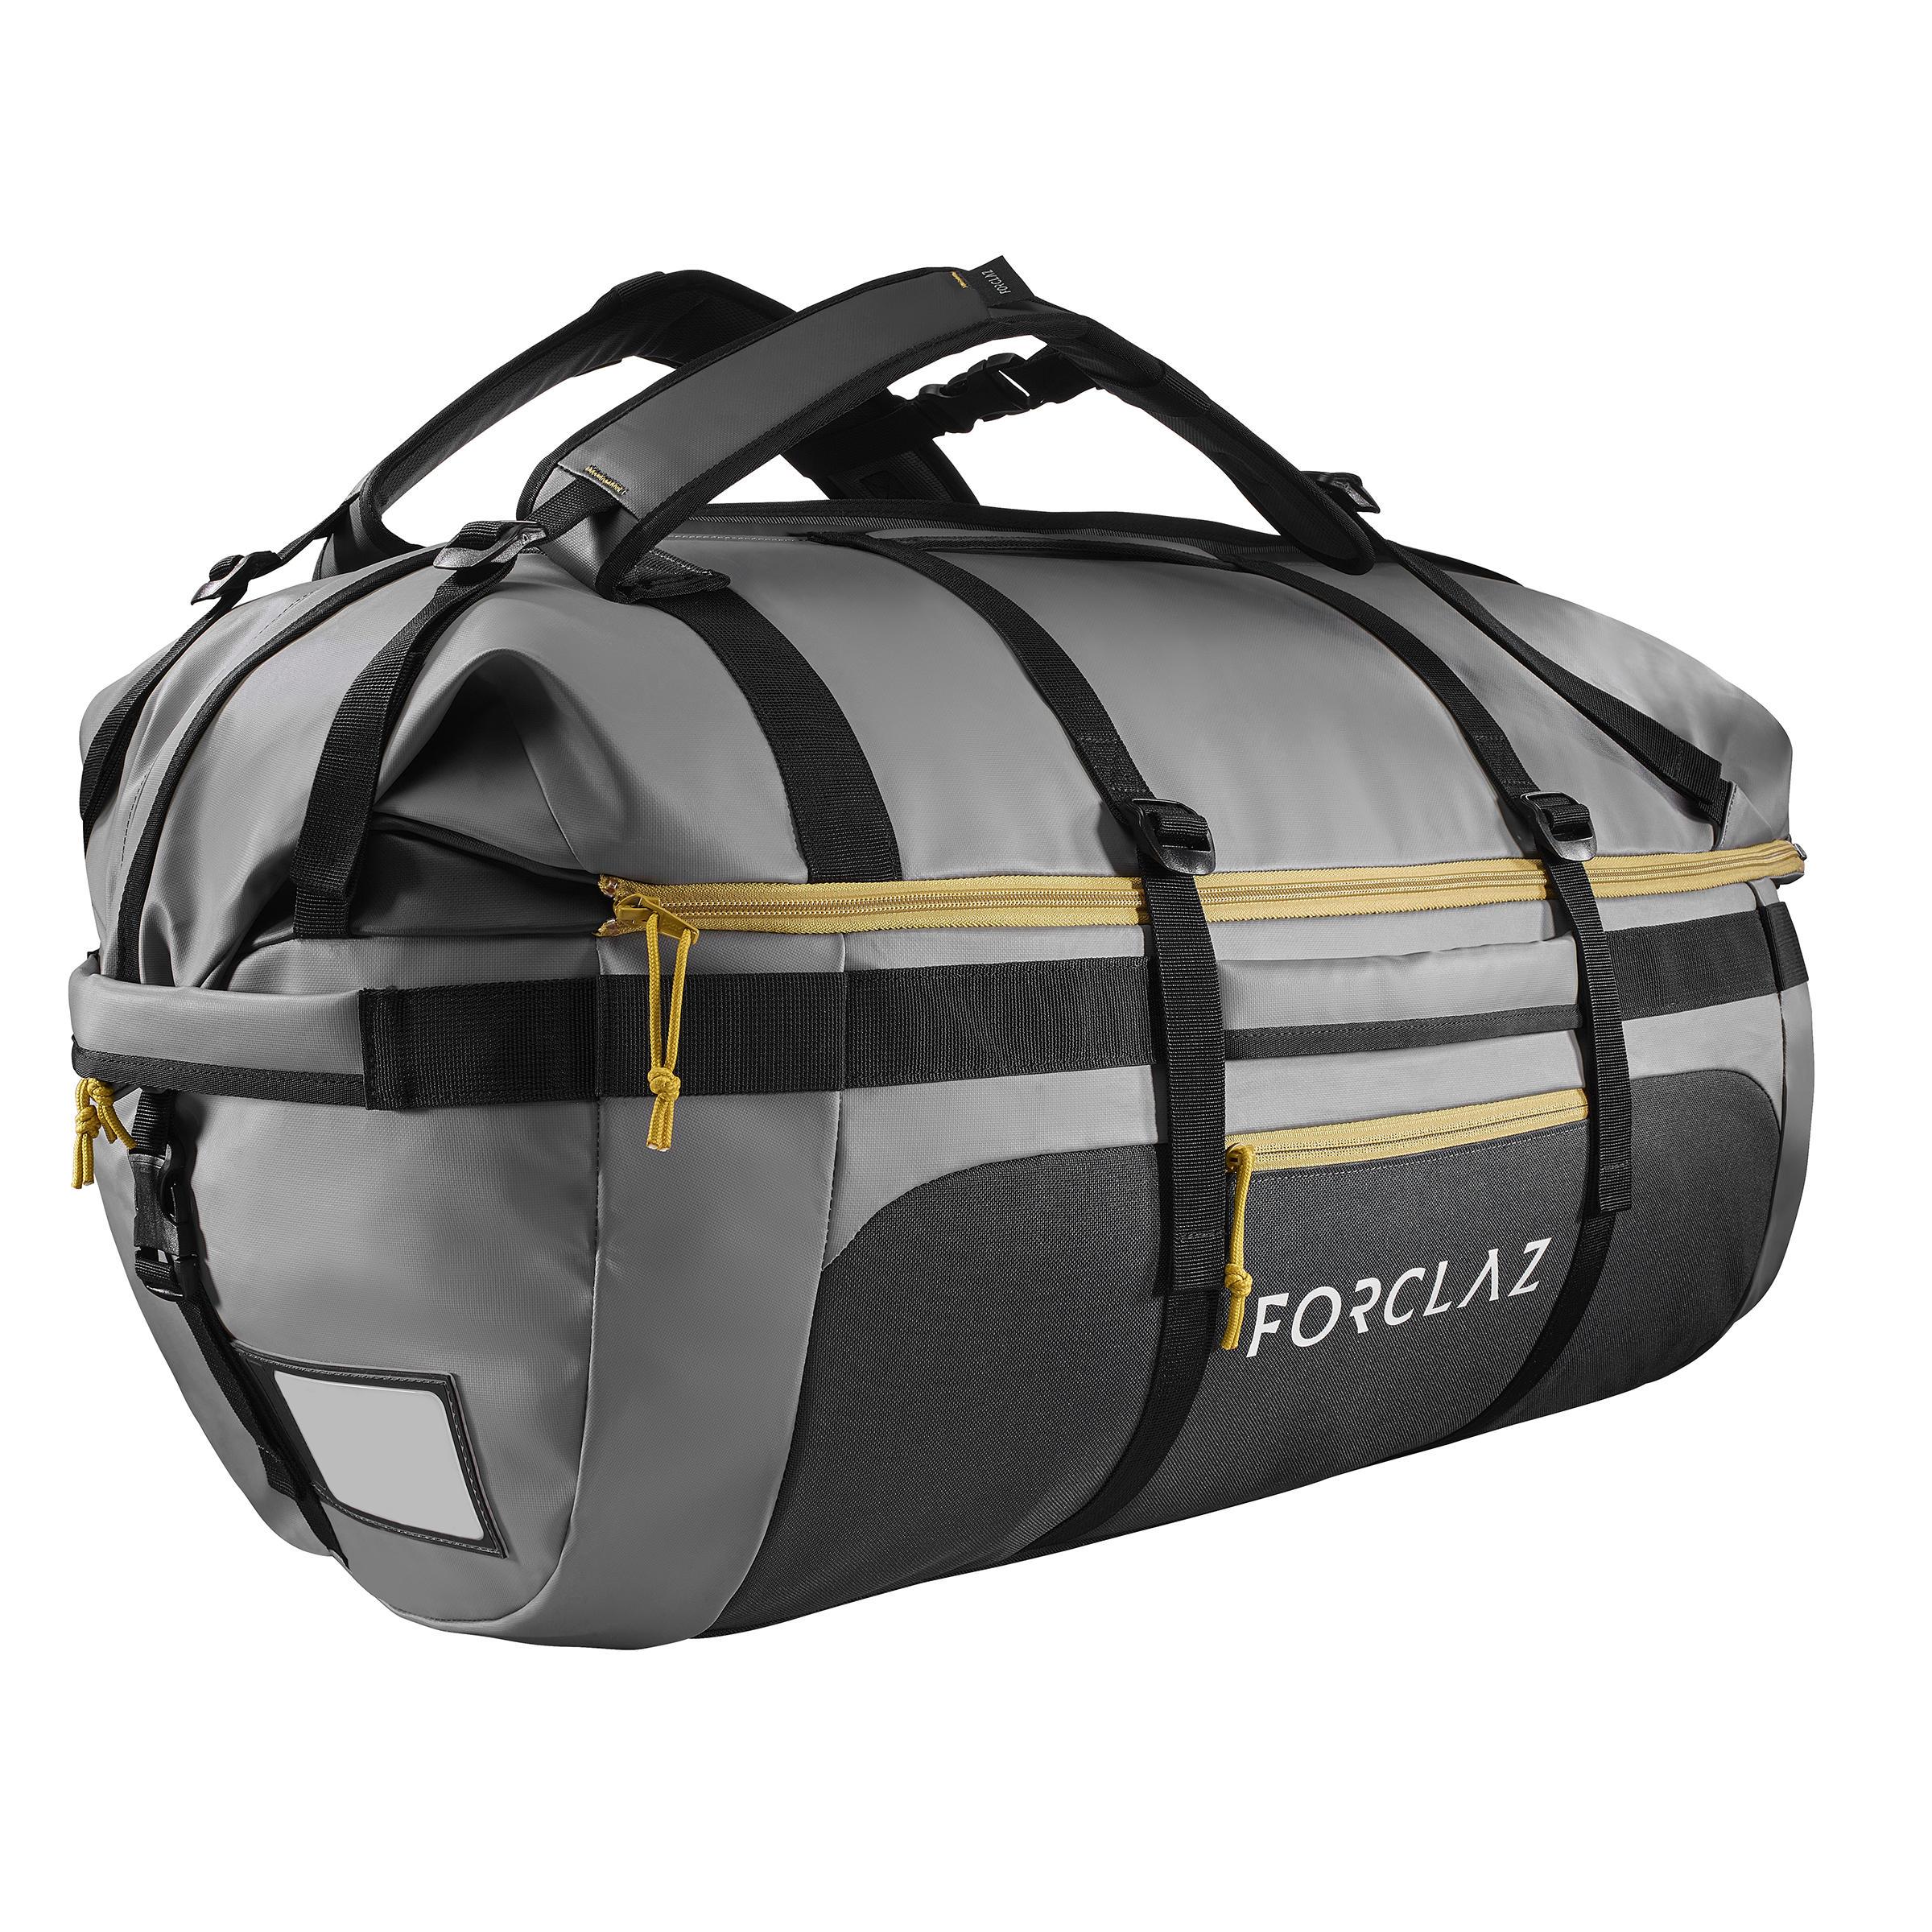 grossiste 22907 613b2 Sacs à dos de voyage, backpack | Decathlon